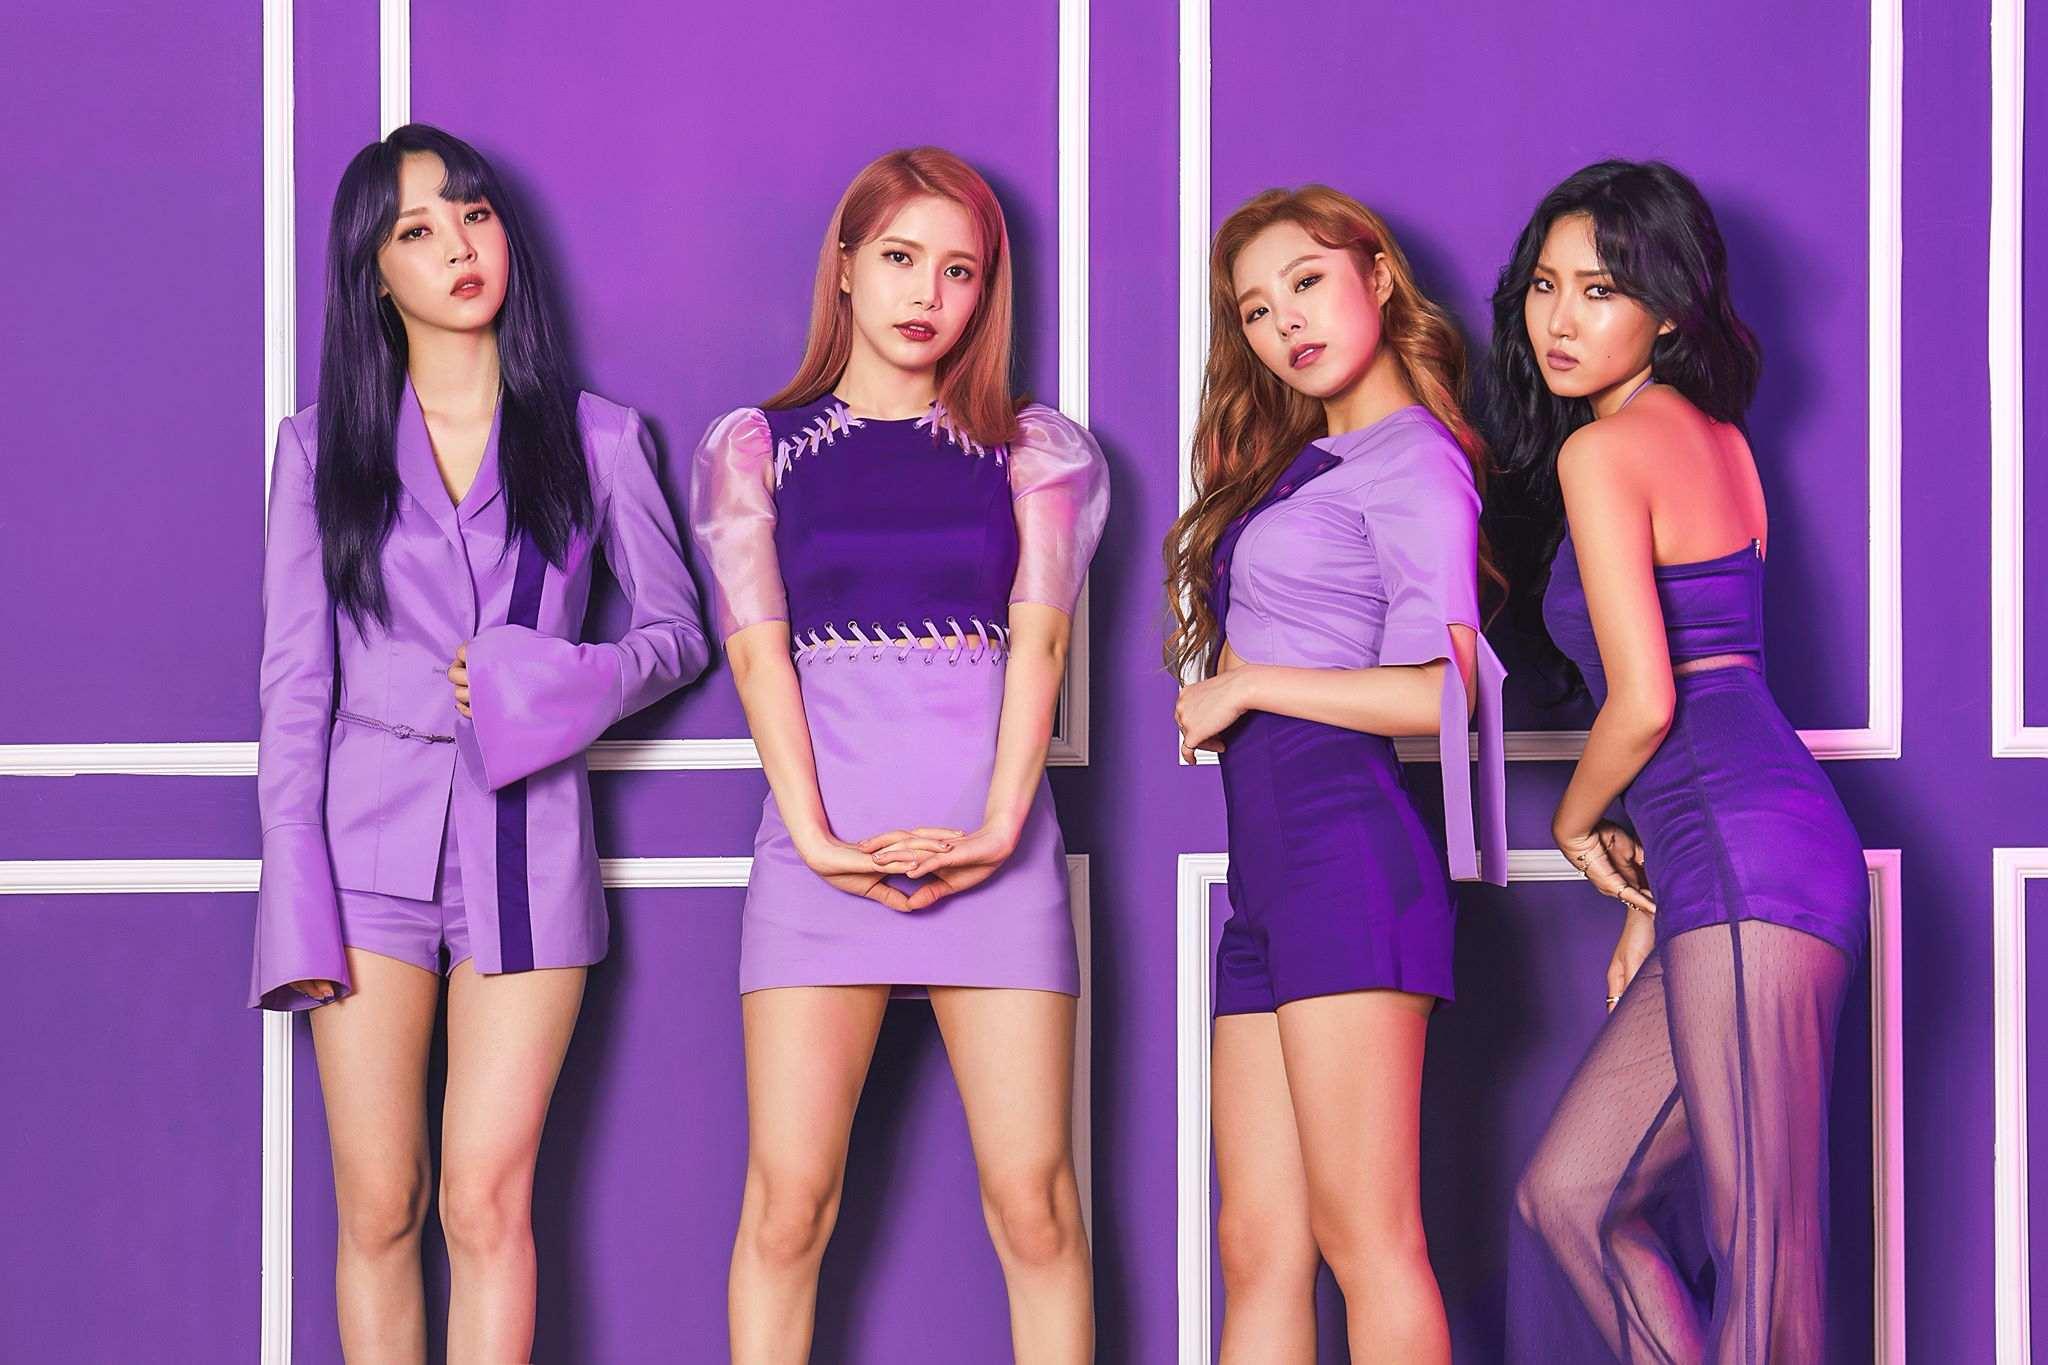 最近女團MAMAMOO在韓國的人氣真的相當誇張啊! 不管是官咖人數、MELON粉絲人數抑或是V-LIVE的粉絲人數都是以暴風的速度增加(真的是以